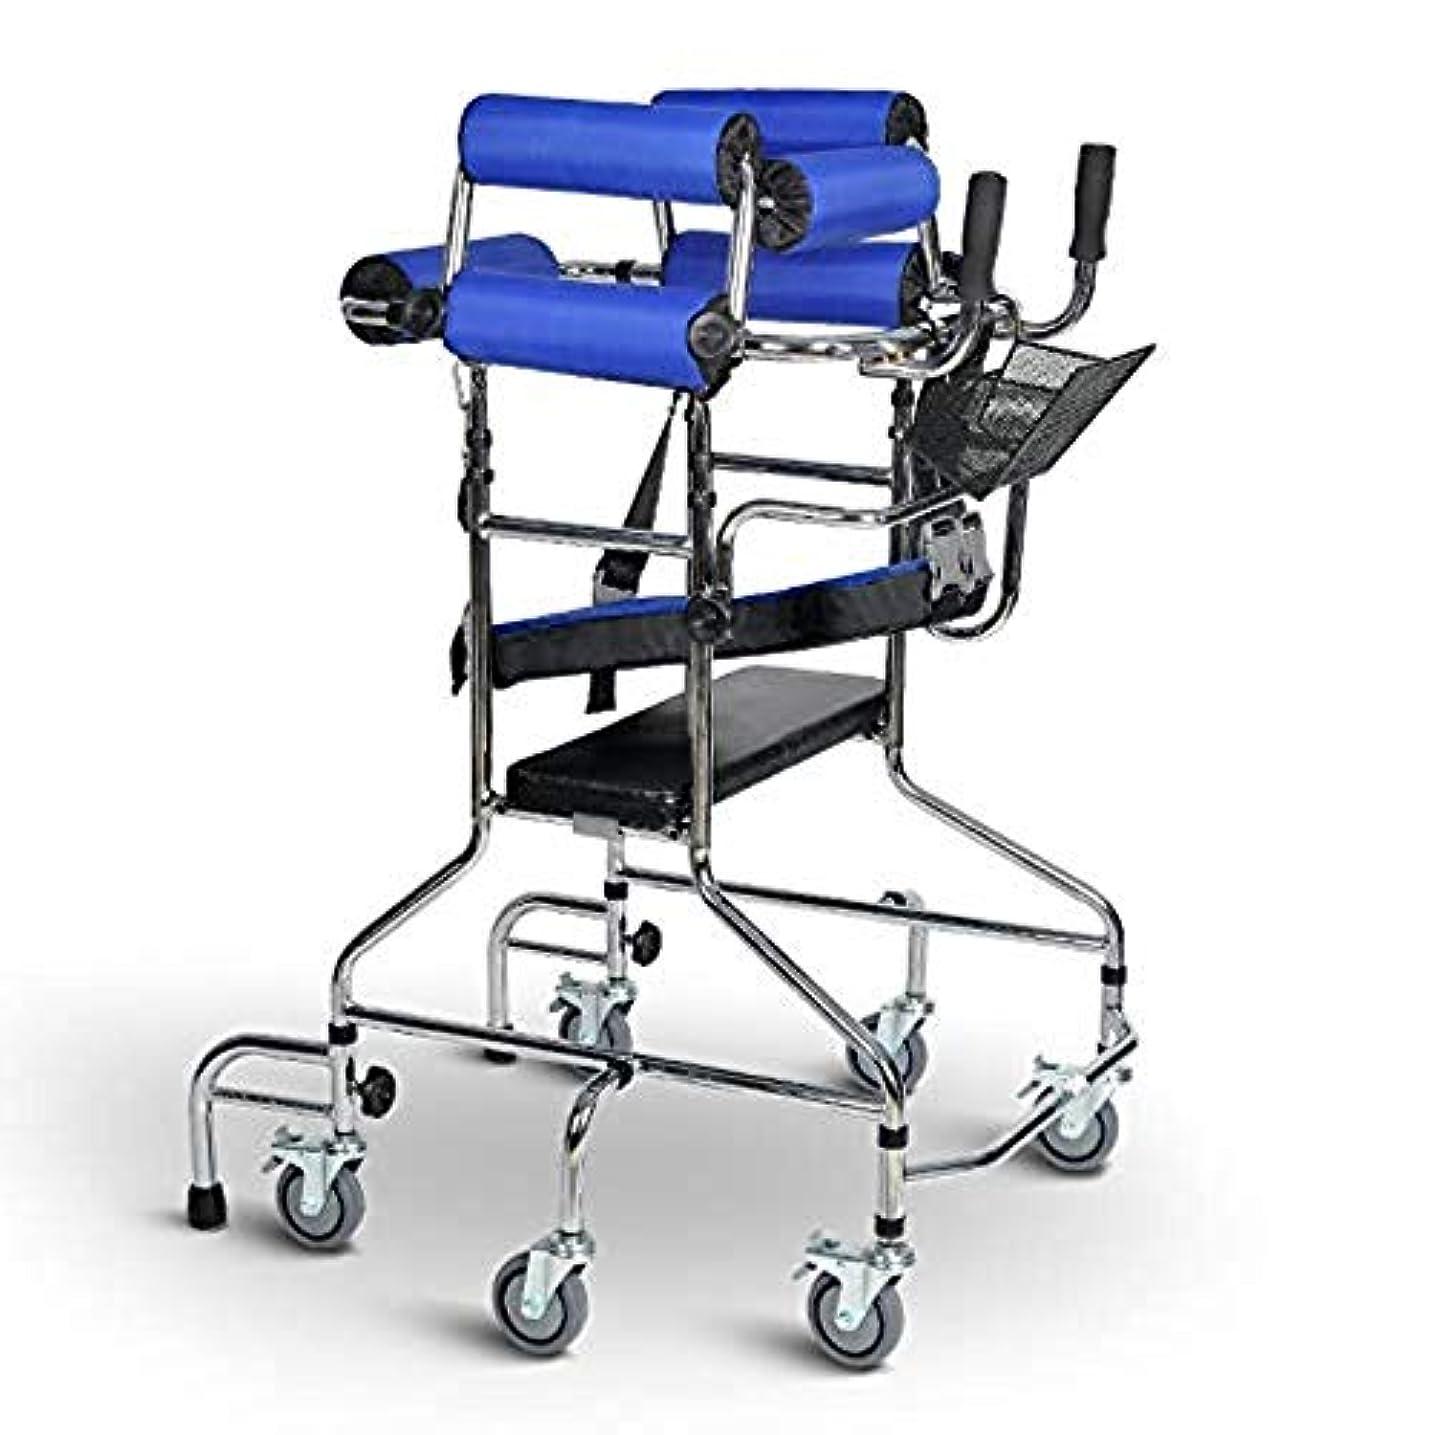 作曲する構成する緊張滑車の大人の歩行フレームの歩行者、高齢者の歩行者の訓練装置は下肢の歩行フレームを助けました